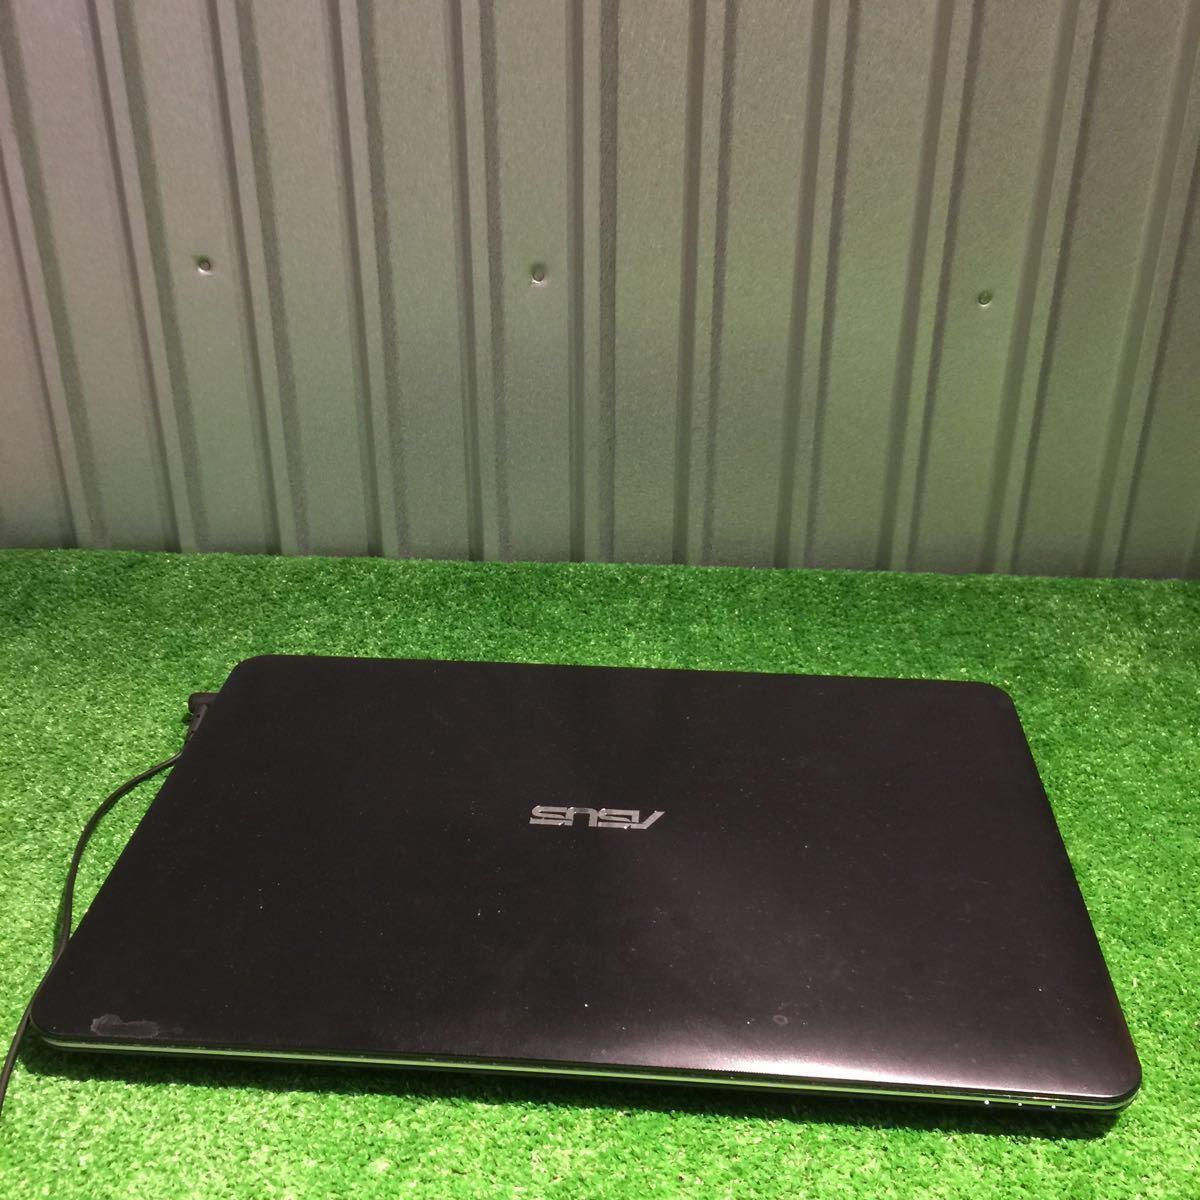 1円~ ASUS エイスース ノートパソコン PC X555U i5-6200U 2.3GHz 4GB Windows10 アダプター付 100サイズ (149)_画像5